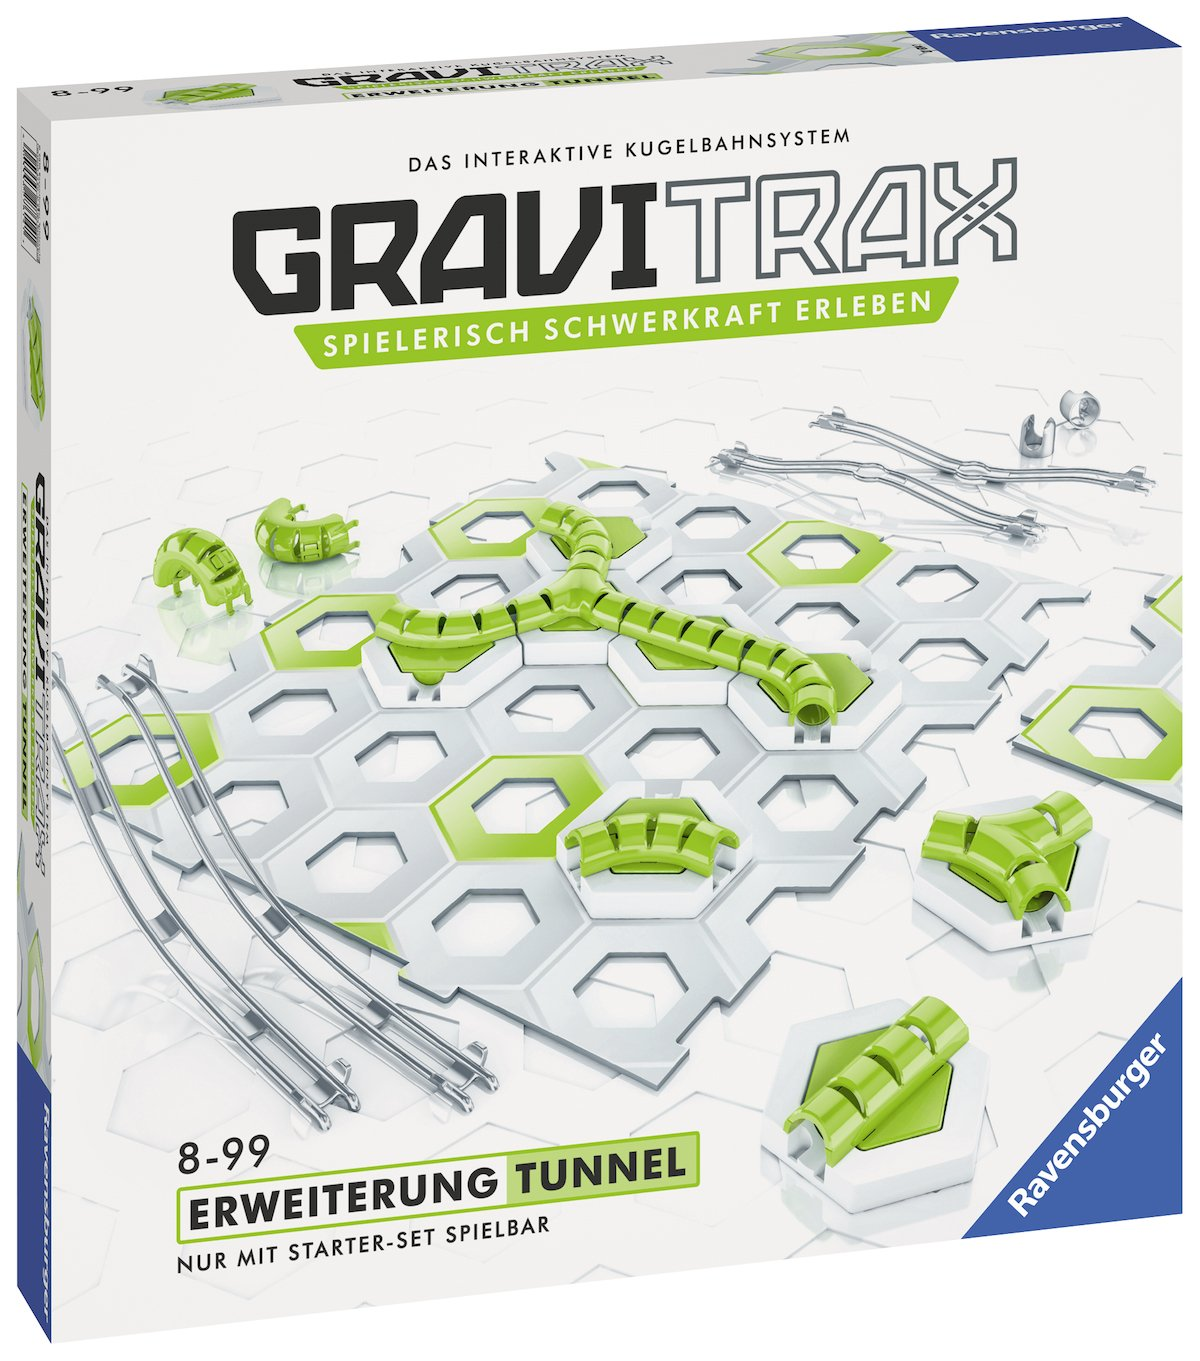 GraviTrax 27614 Tunnel Spielzeug, bunt Ravensburger Spielverlag